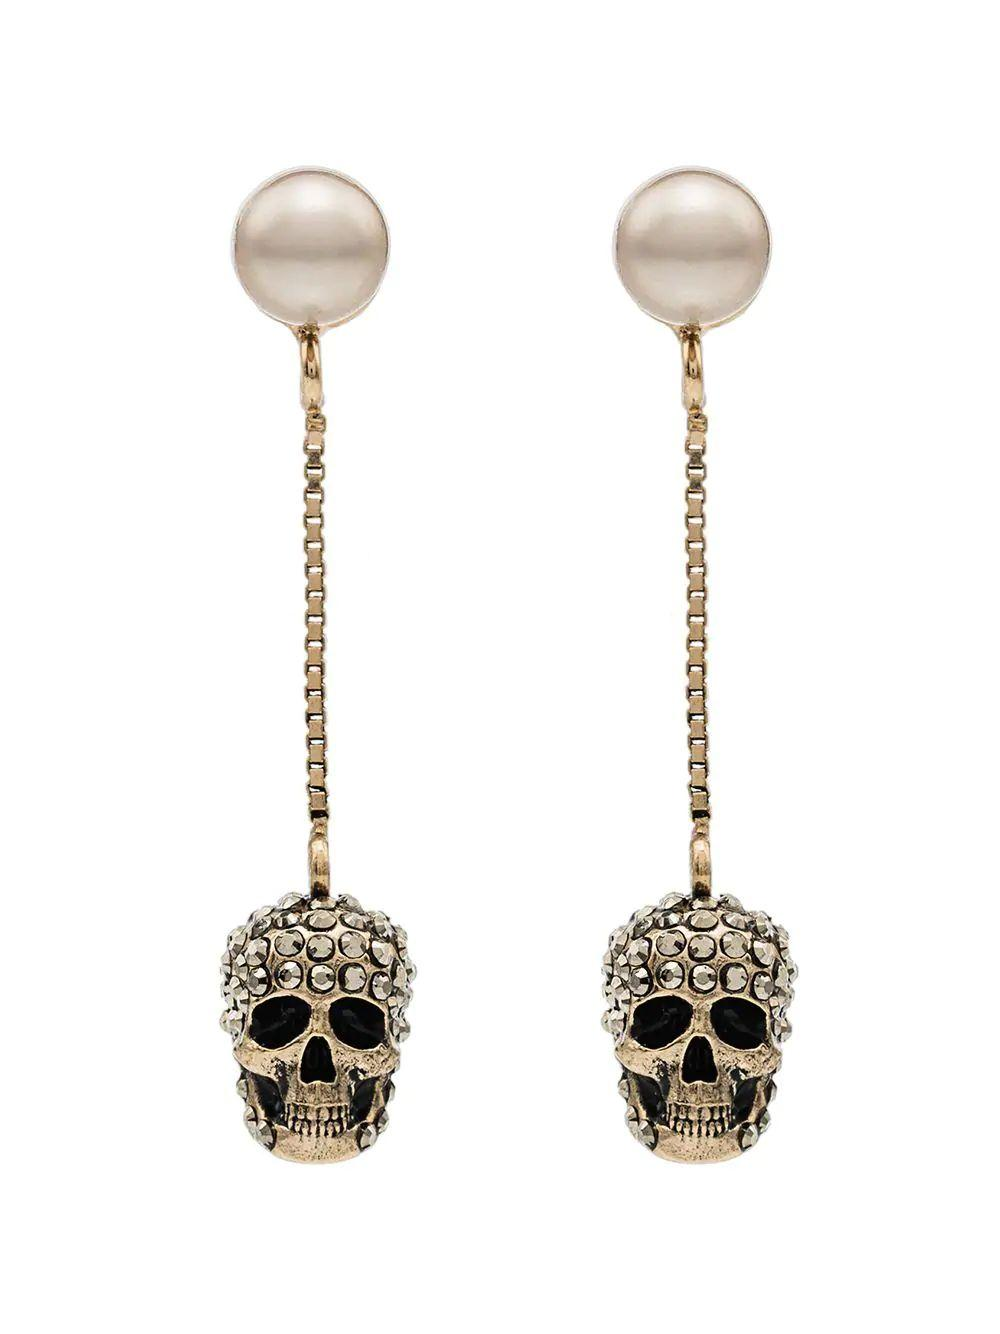 Pave Skull Earring Item # 582698-J160K